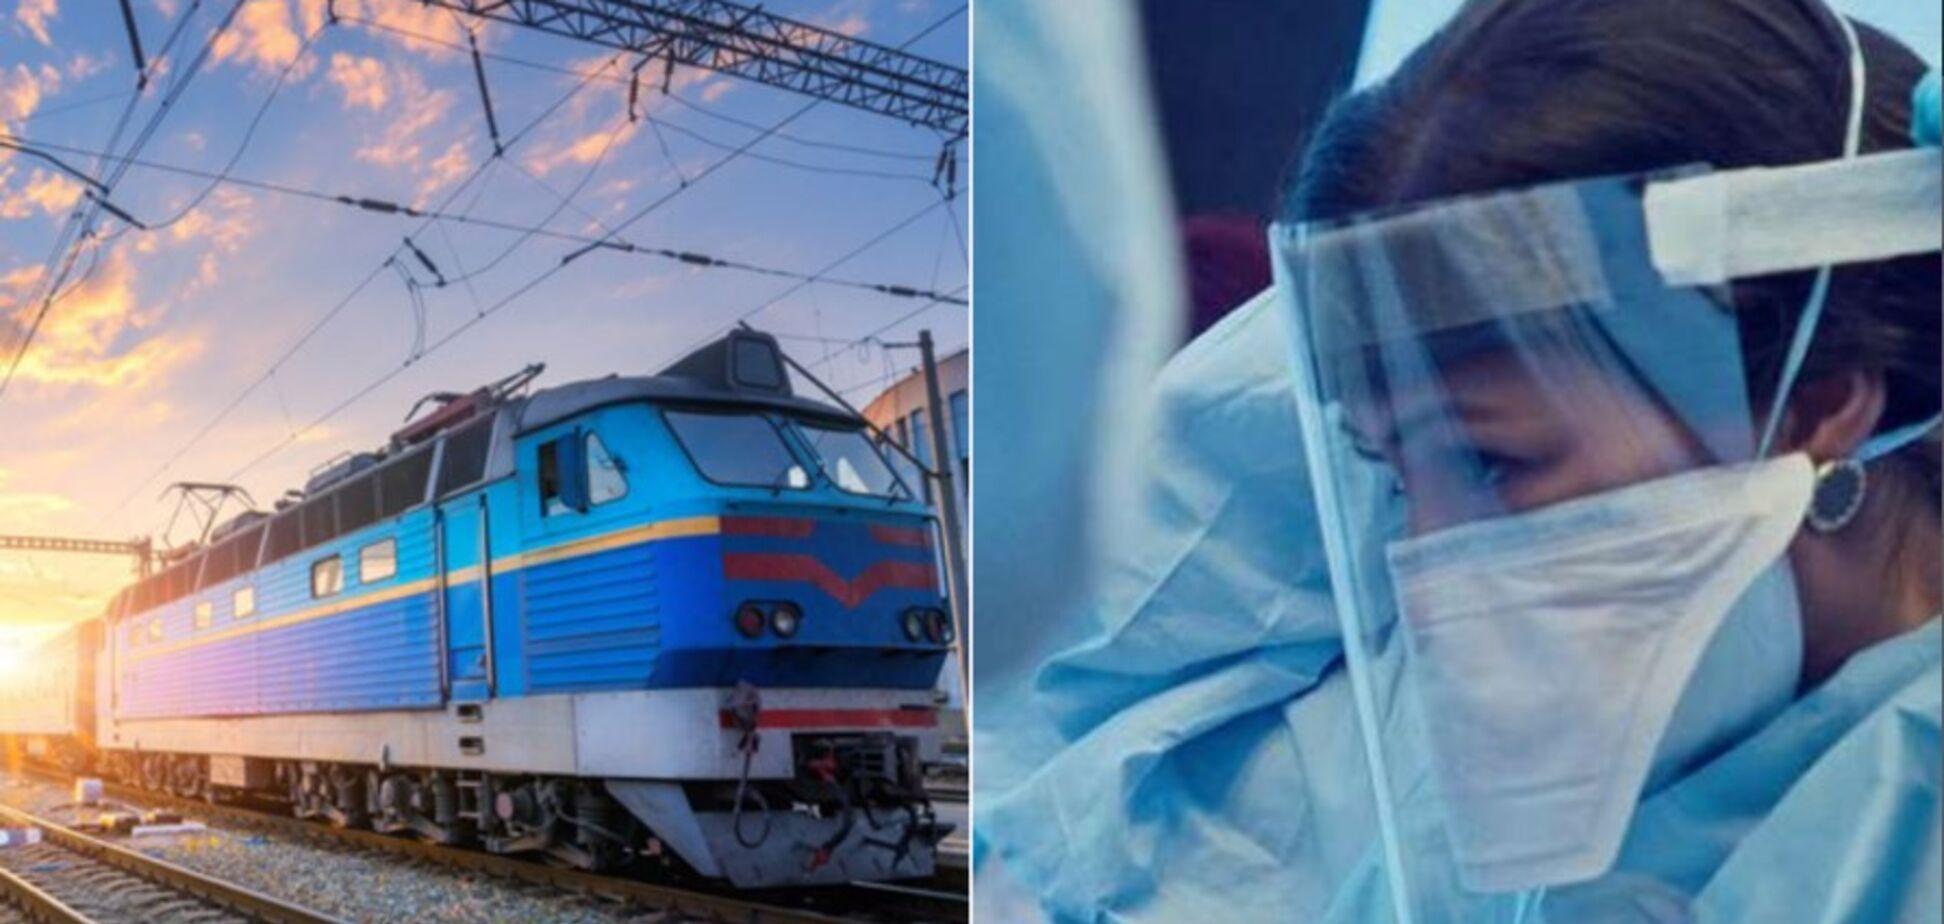 Коронавирус в Украине: кто срывает защиту и обеспечение медиков УЗ?